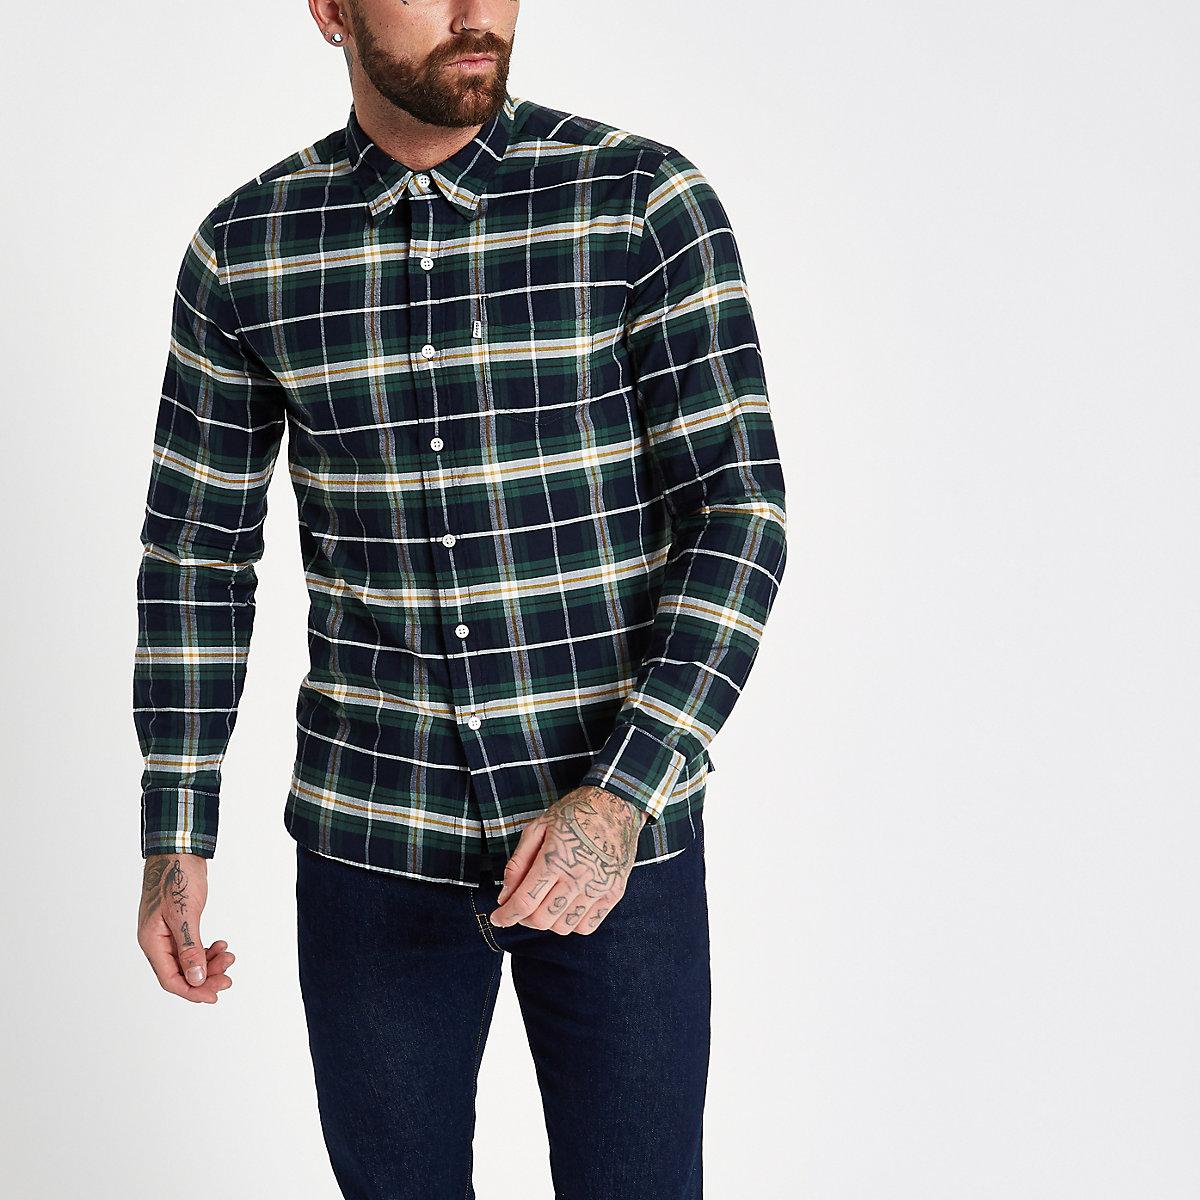 Levi's green check shirt